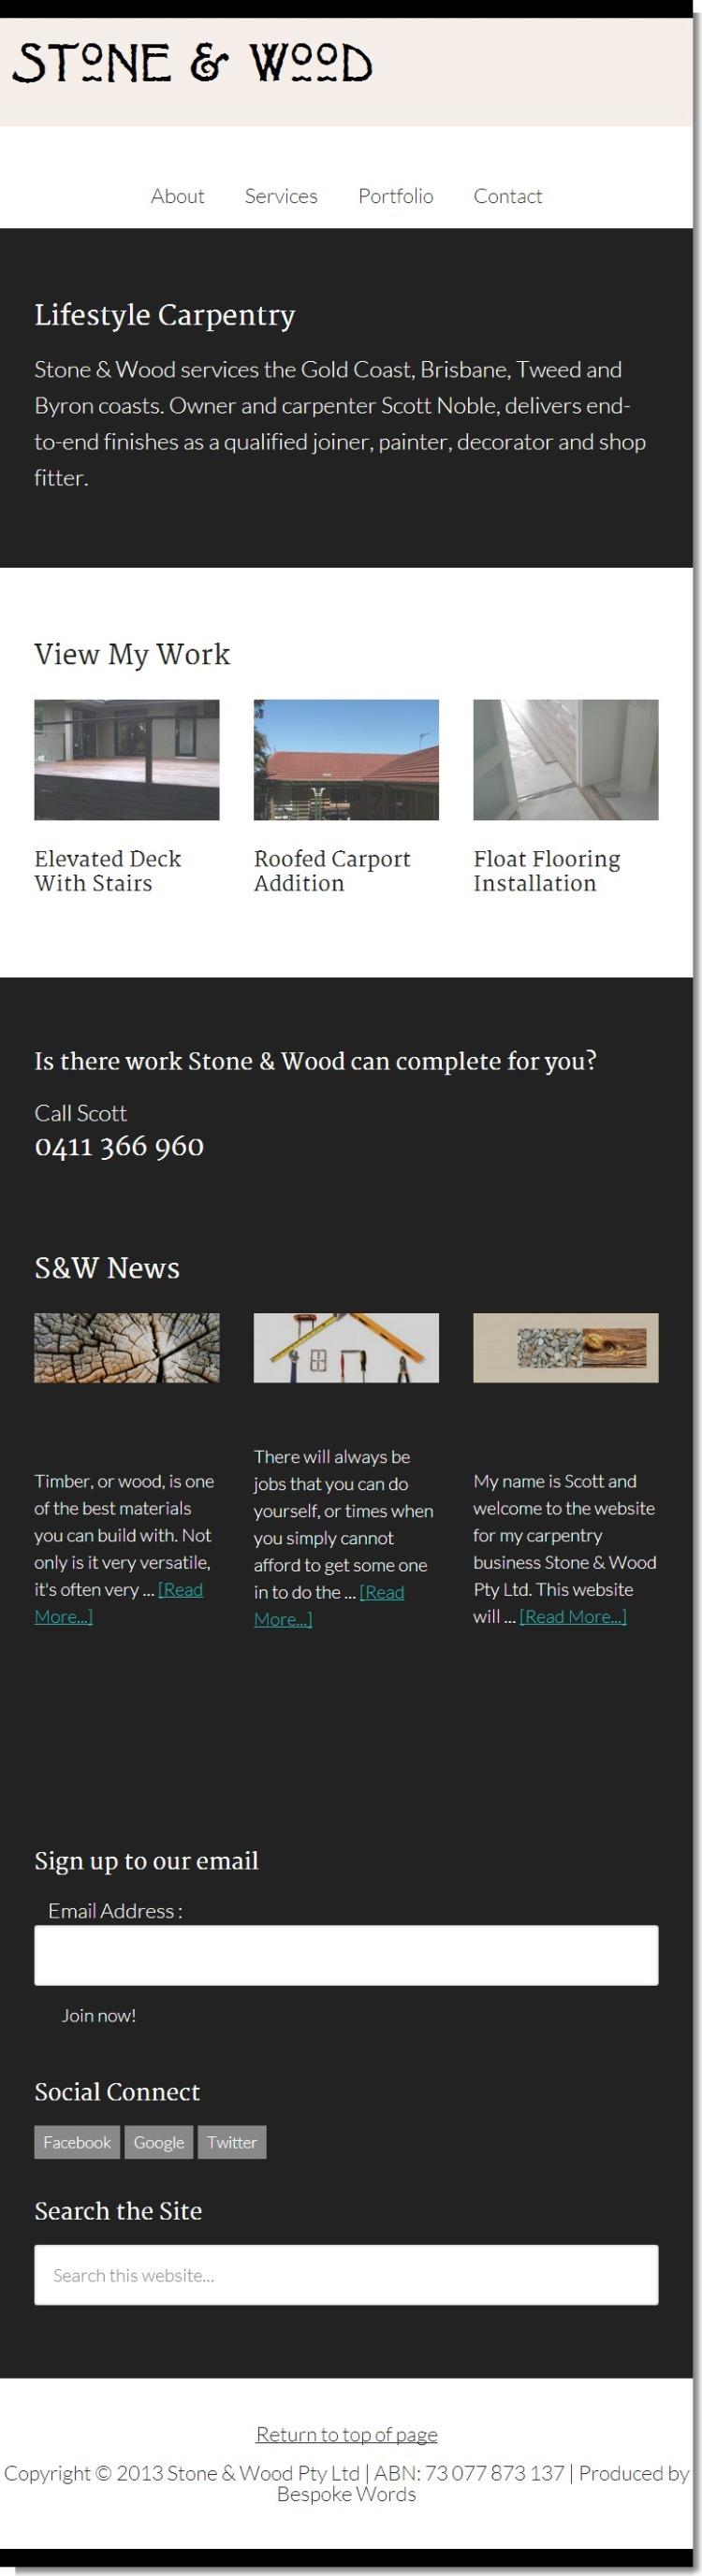 www.stoneandwood.net.au